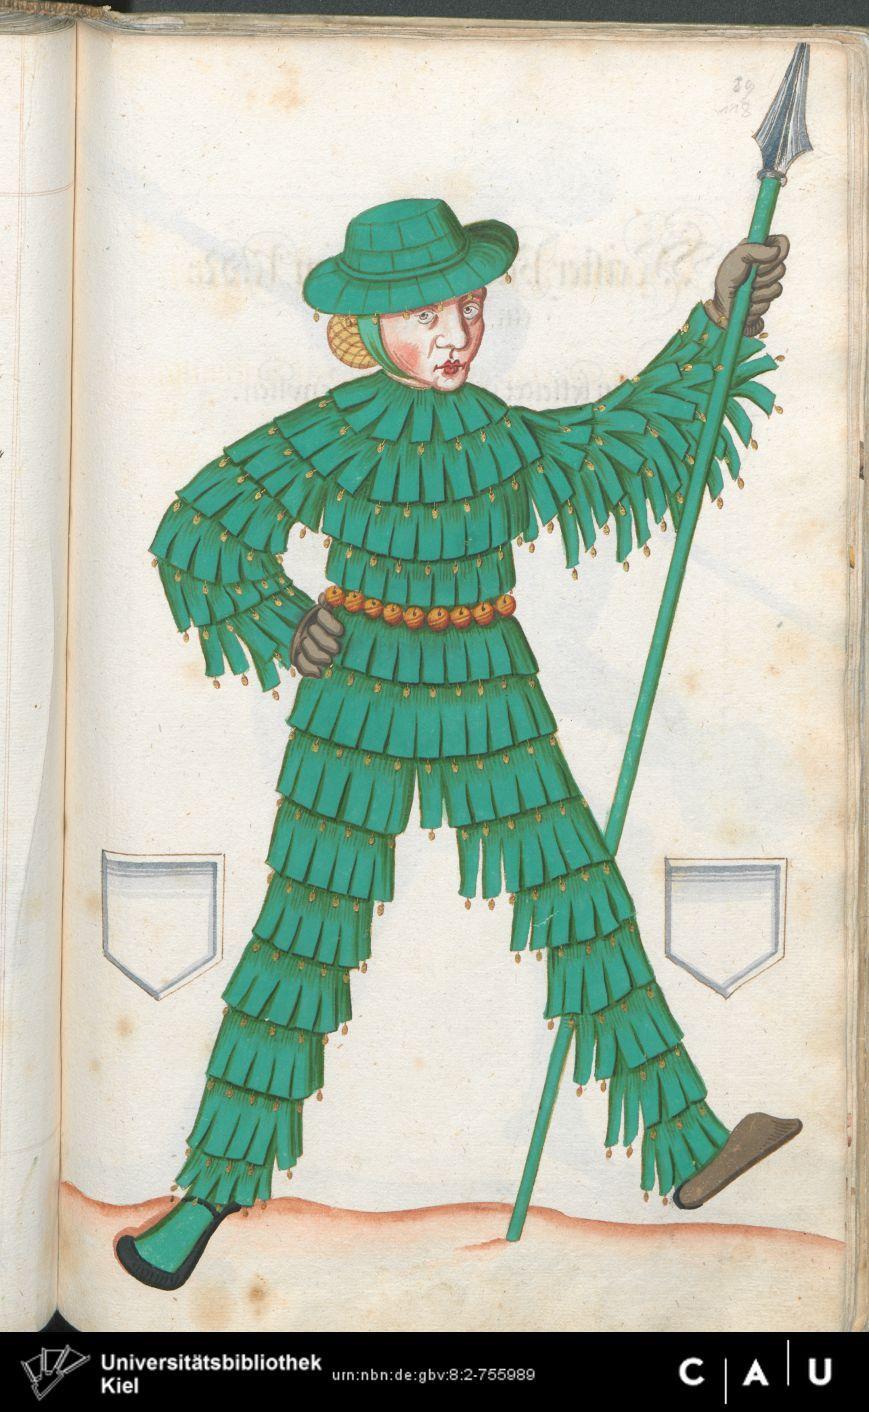 Nürnberger Schembart-Buch Erscheinungsjahr: 16XX  Cod. ms. KB 395  Folio 235